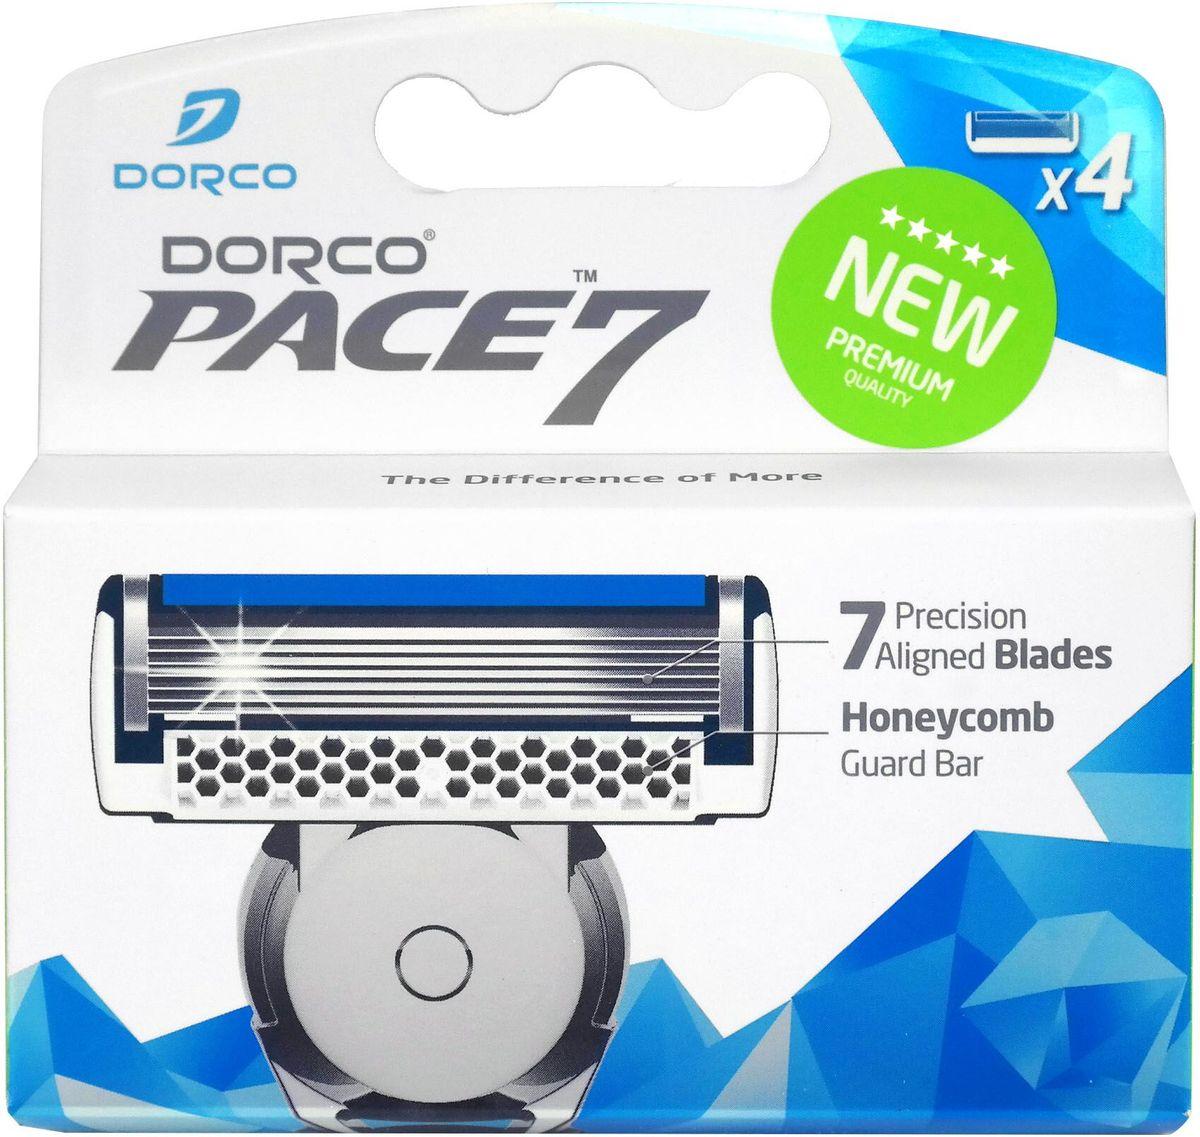 Dorco Kассеты для бритья  Pace 7 , 4 шт. - Бритье и депиляция